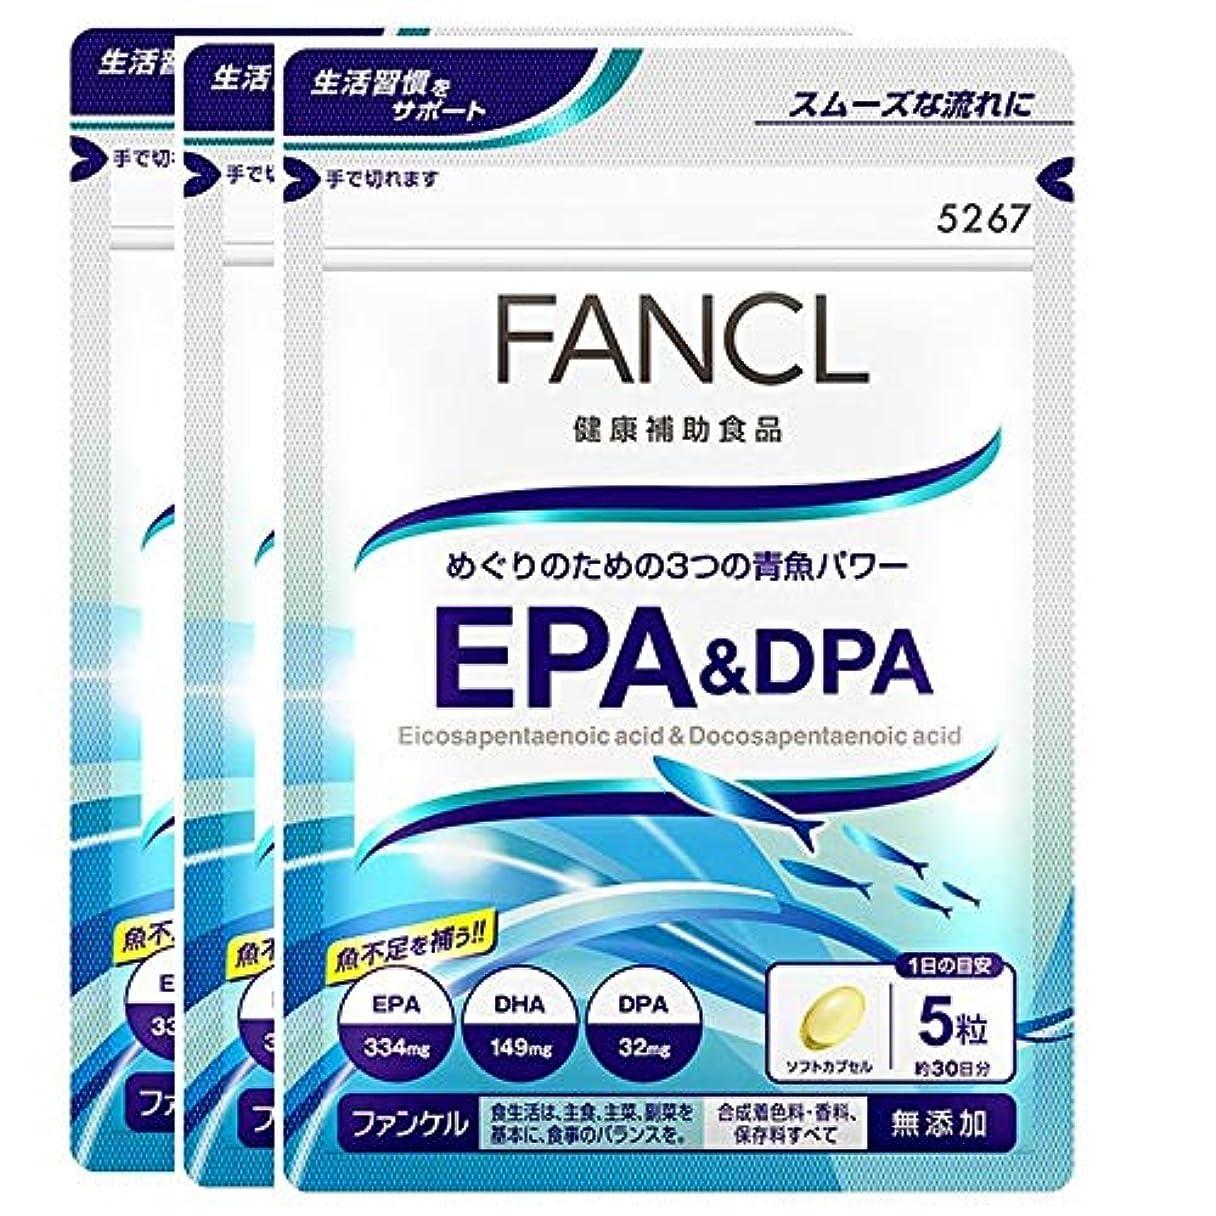 レッドデート講堂エントリFANCL ファンケル EPA&DPA約90日分(徳用3袋セット)1袋(150粒)×3